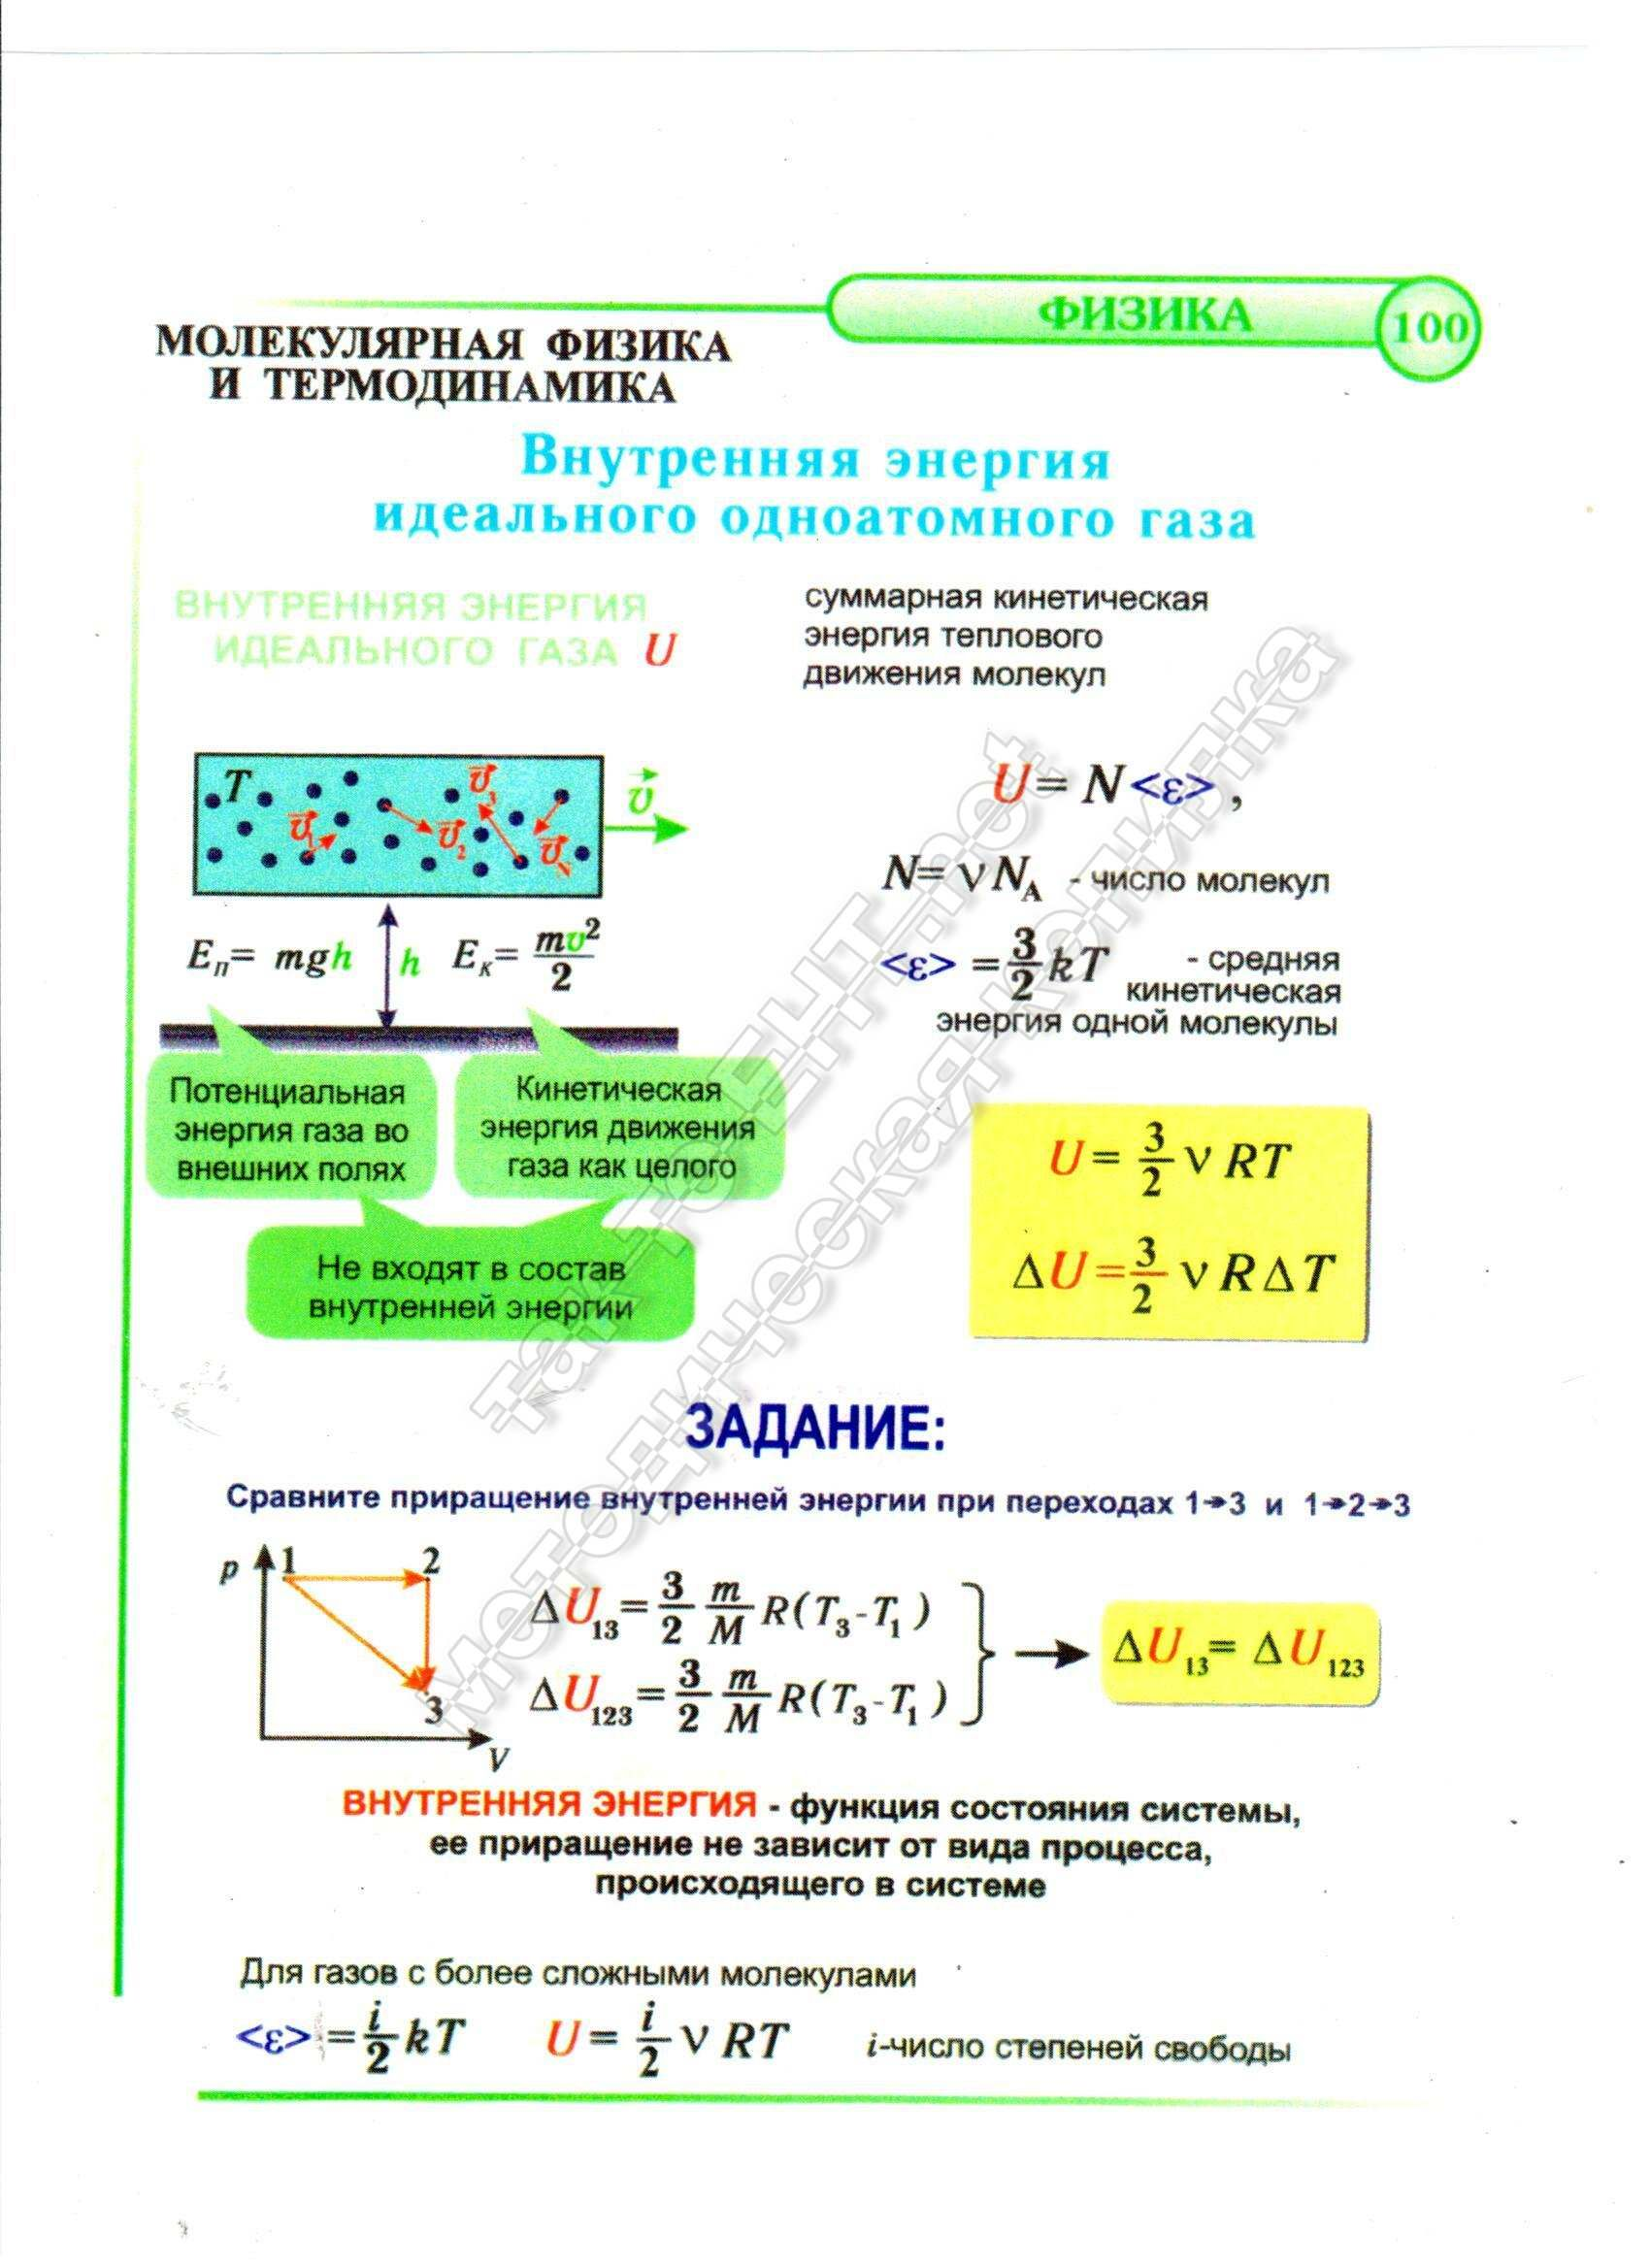 Издательство мектеп для естественно математического направления нурахметов 10 класс гдз